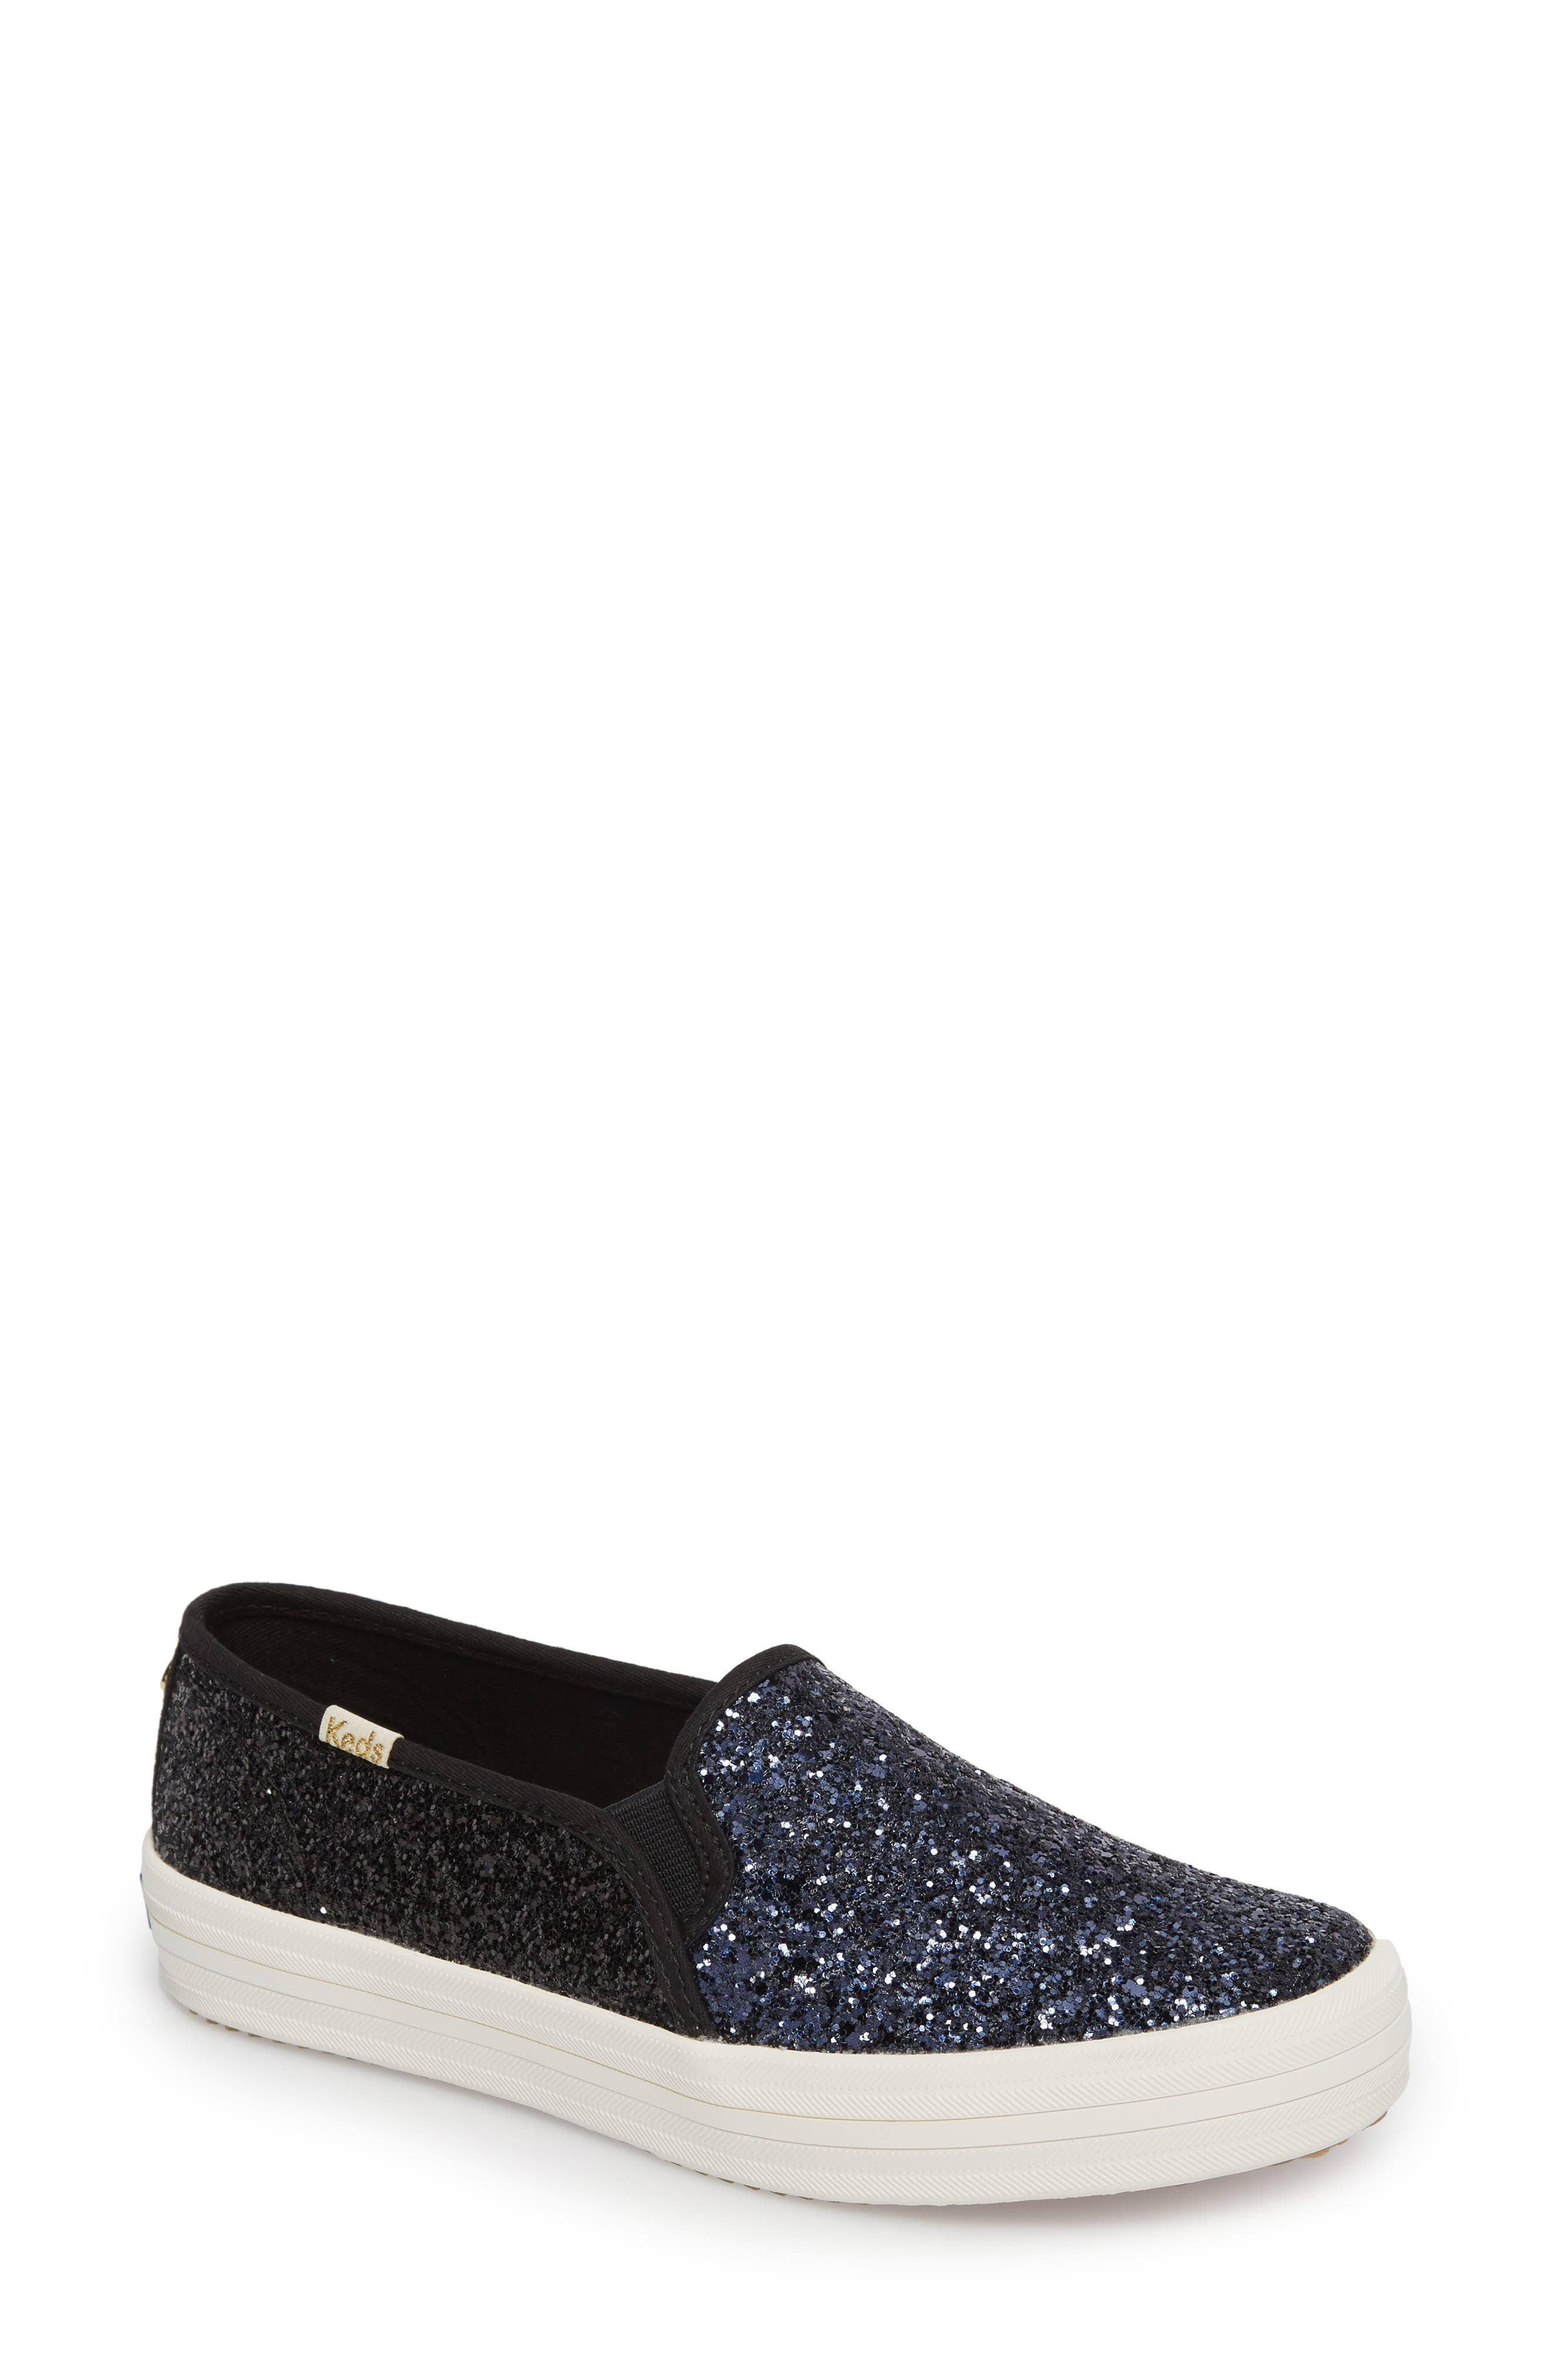 double decker glitter slip-on sneaker,                             Main thumbnail 1, color,                             410